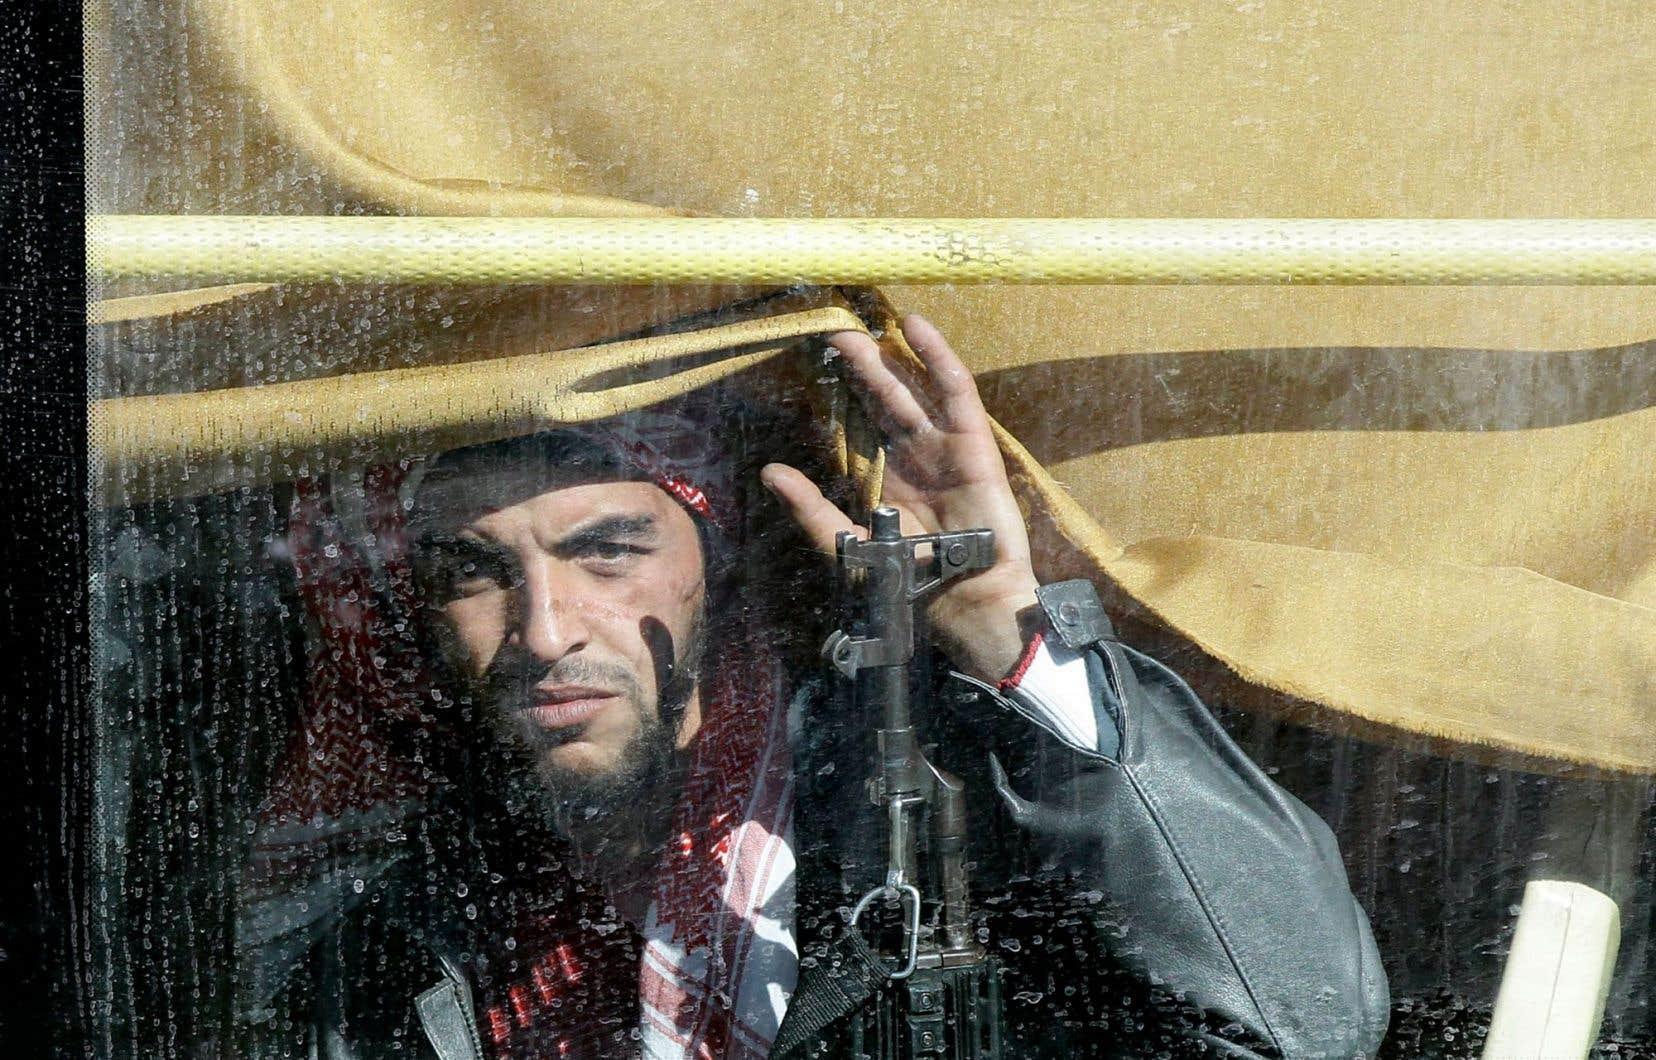 Un premier convoi d'une quinzaine d'autobus transportant des rebelles et leur famille a quitté leur quartier de Homs mercredi.